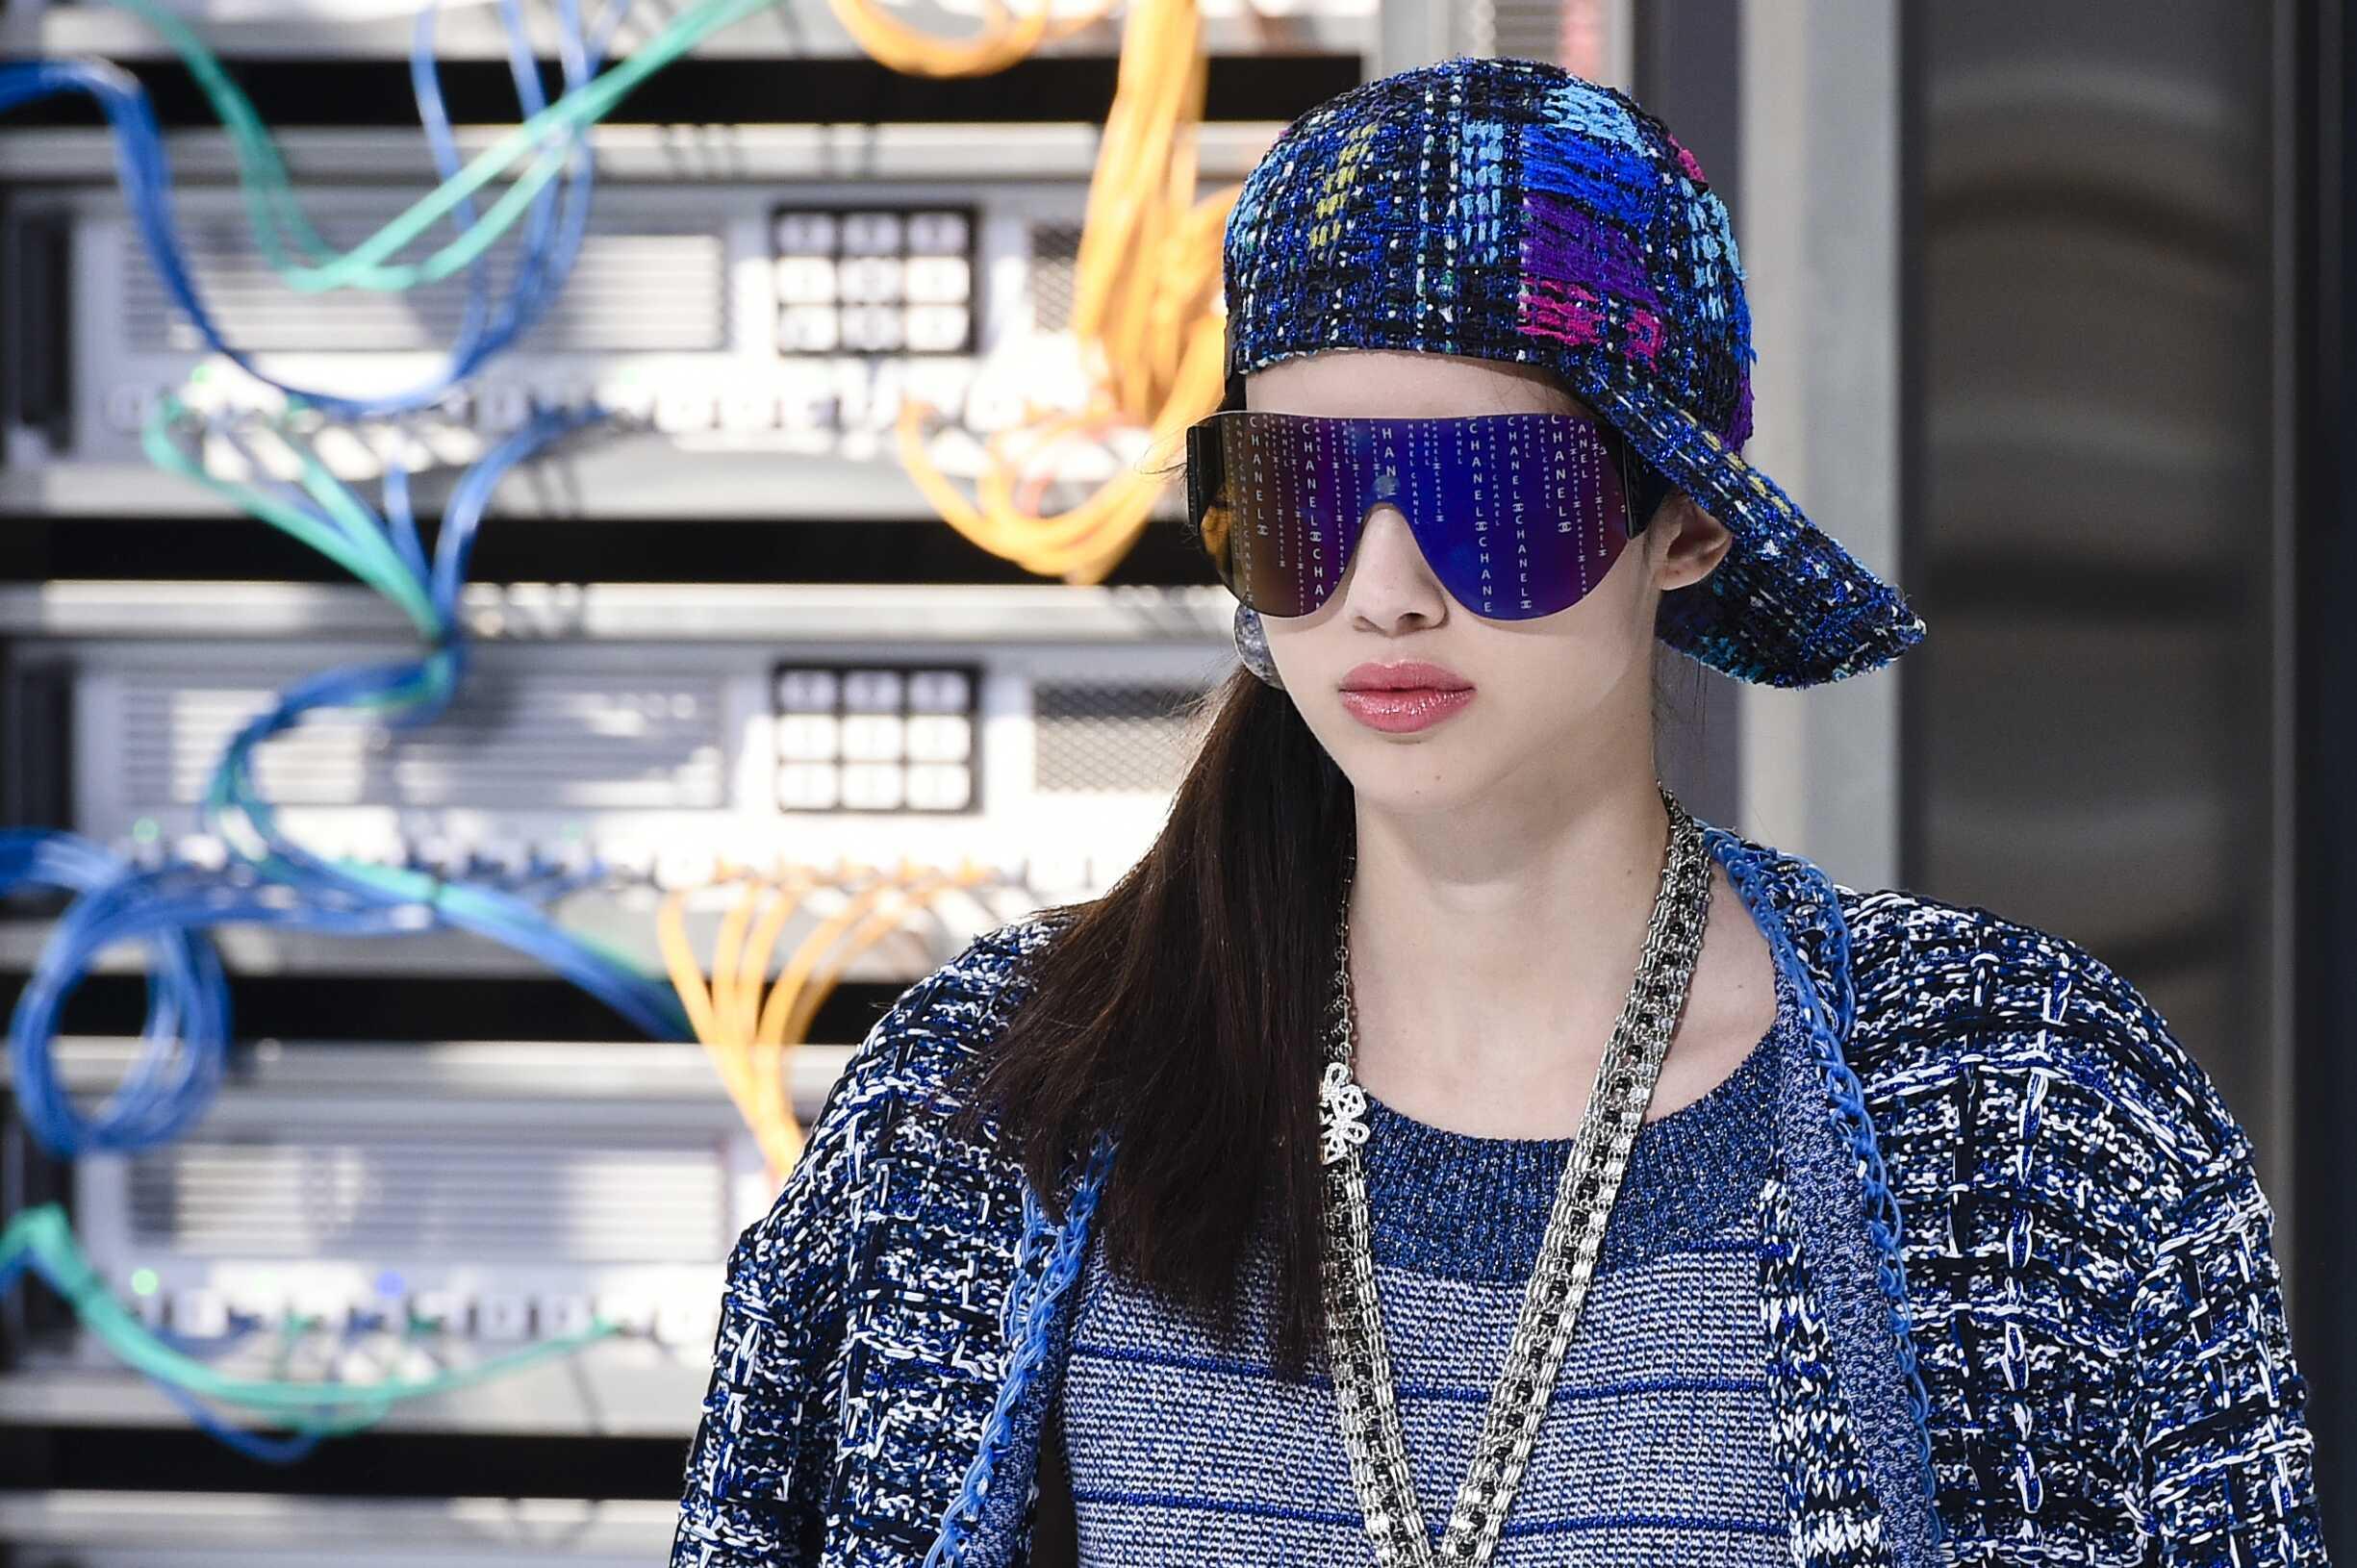 Chanel Woman Model 2017